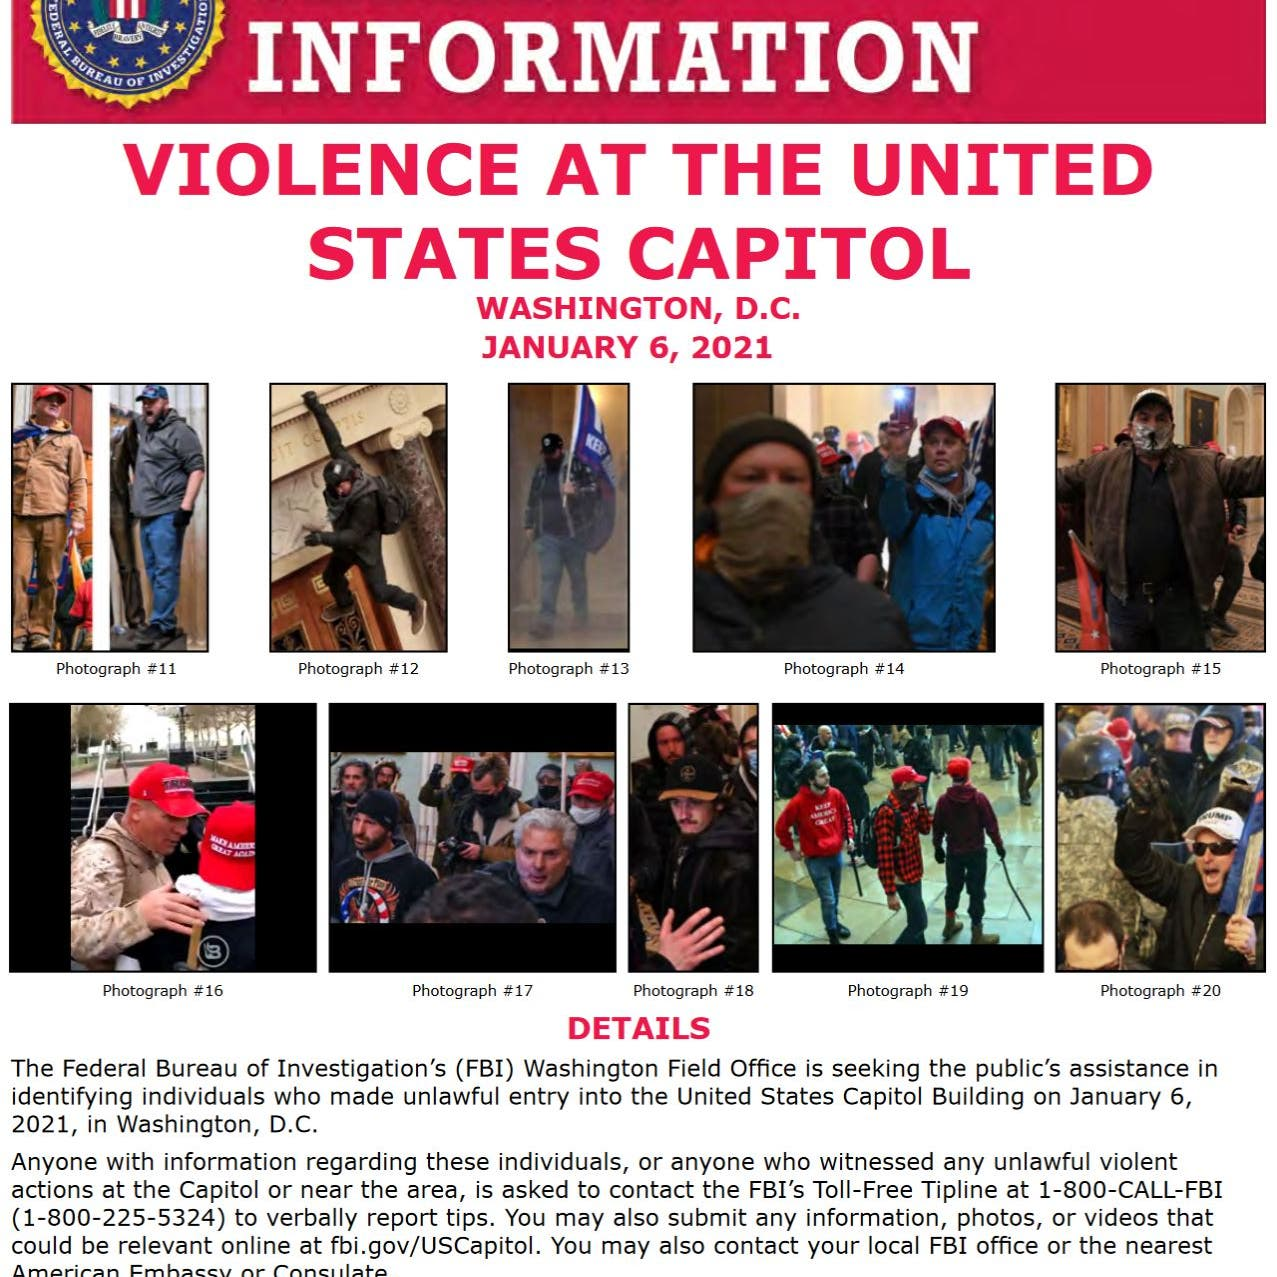 صور معفشي الكونغرس تنتشر.. و